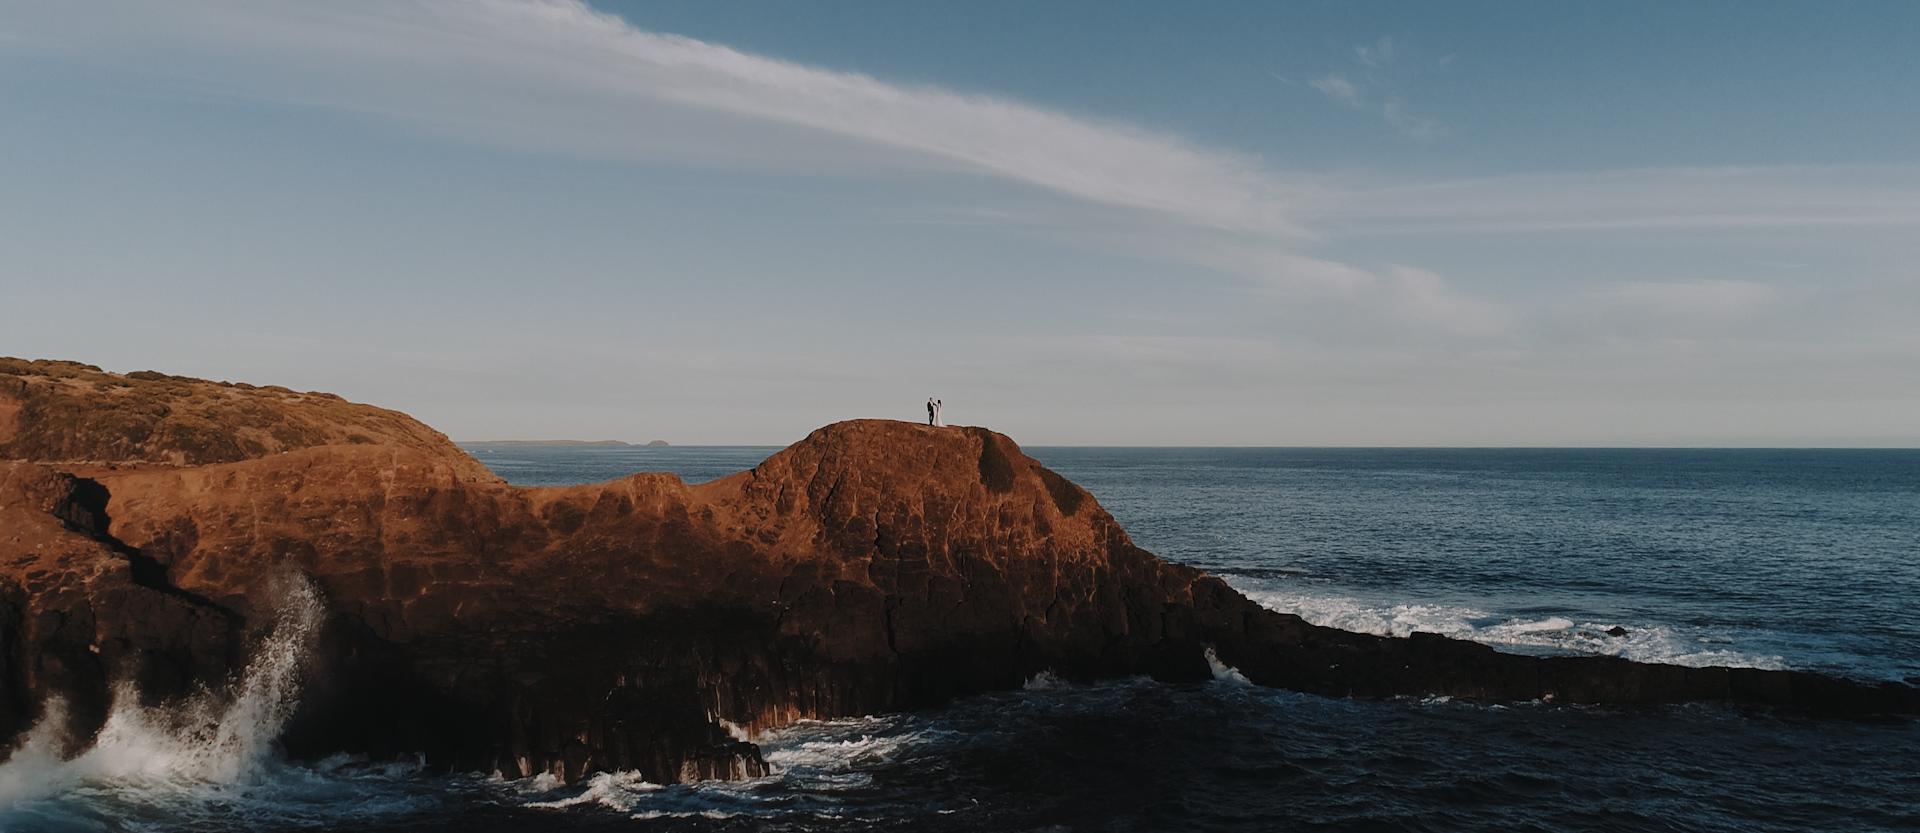 Bec + Tristan | Flinders, Australia | a cliff